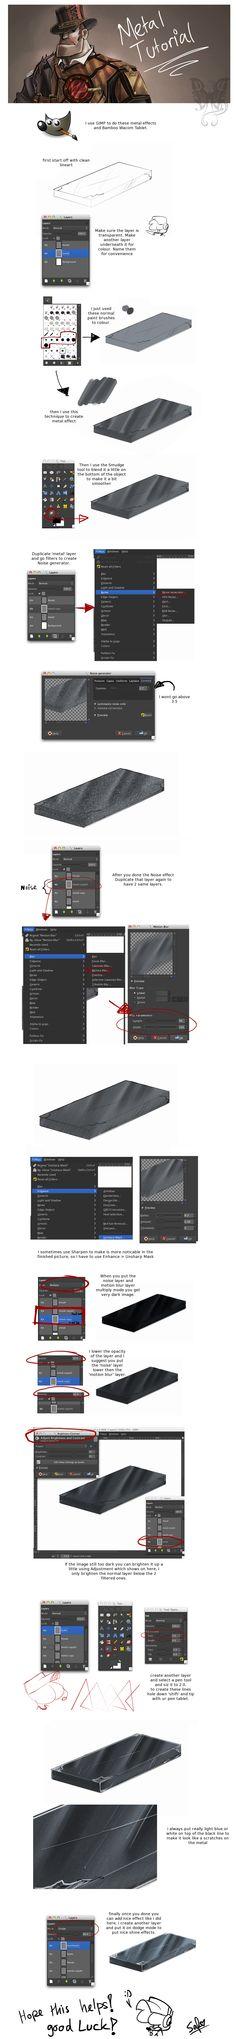 Tutorial: Metal effects in GIMP by DarkLitria.deviantart.com on @DeviantArt